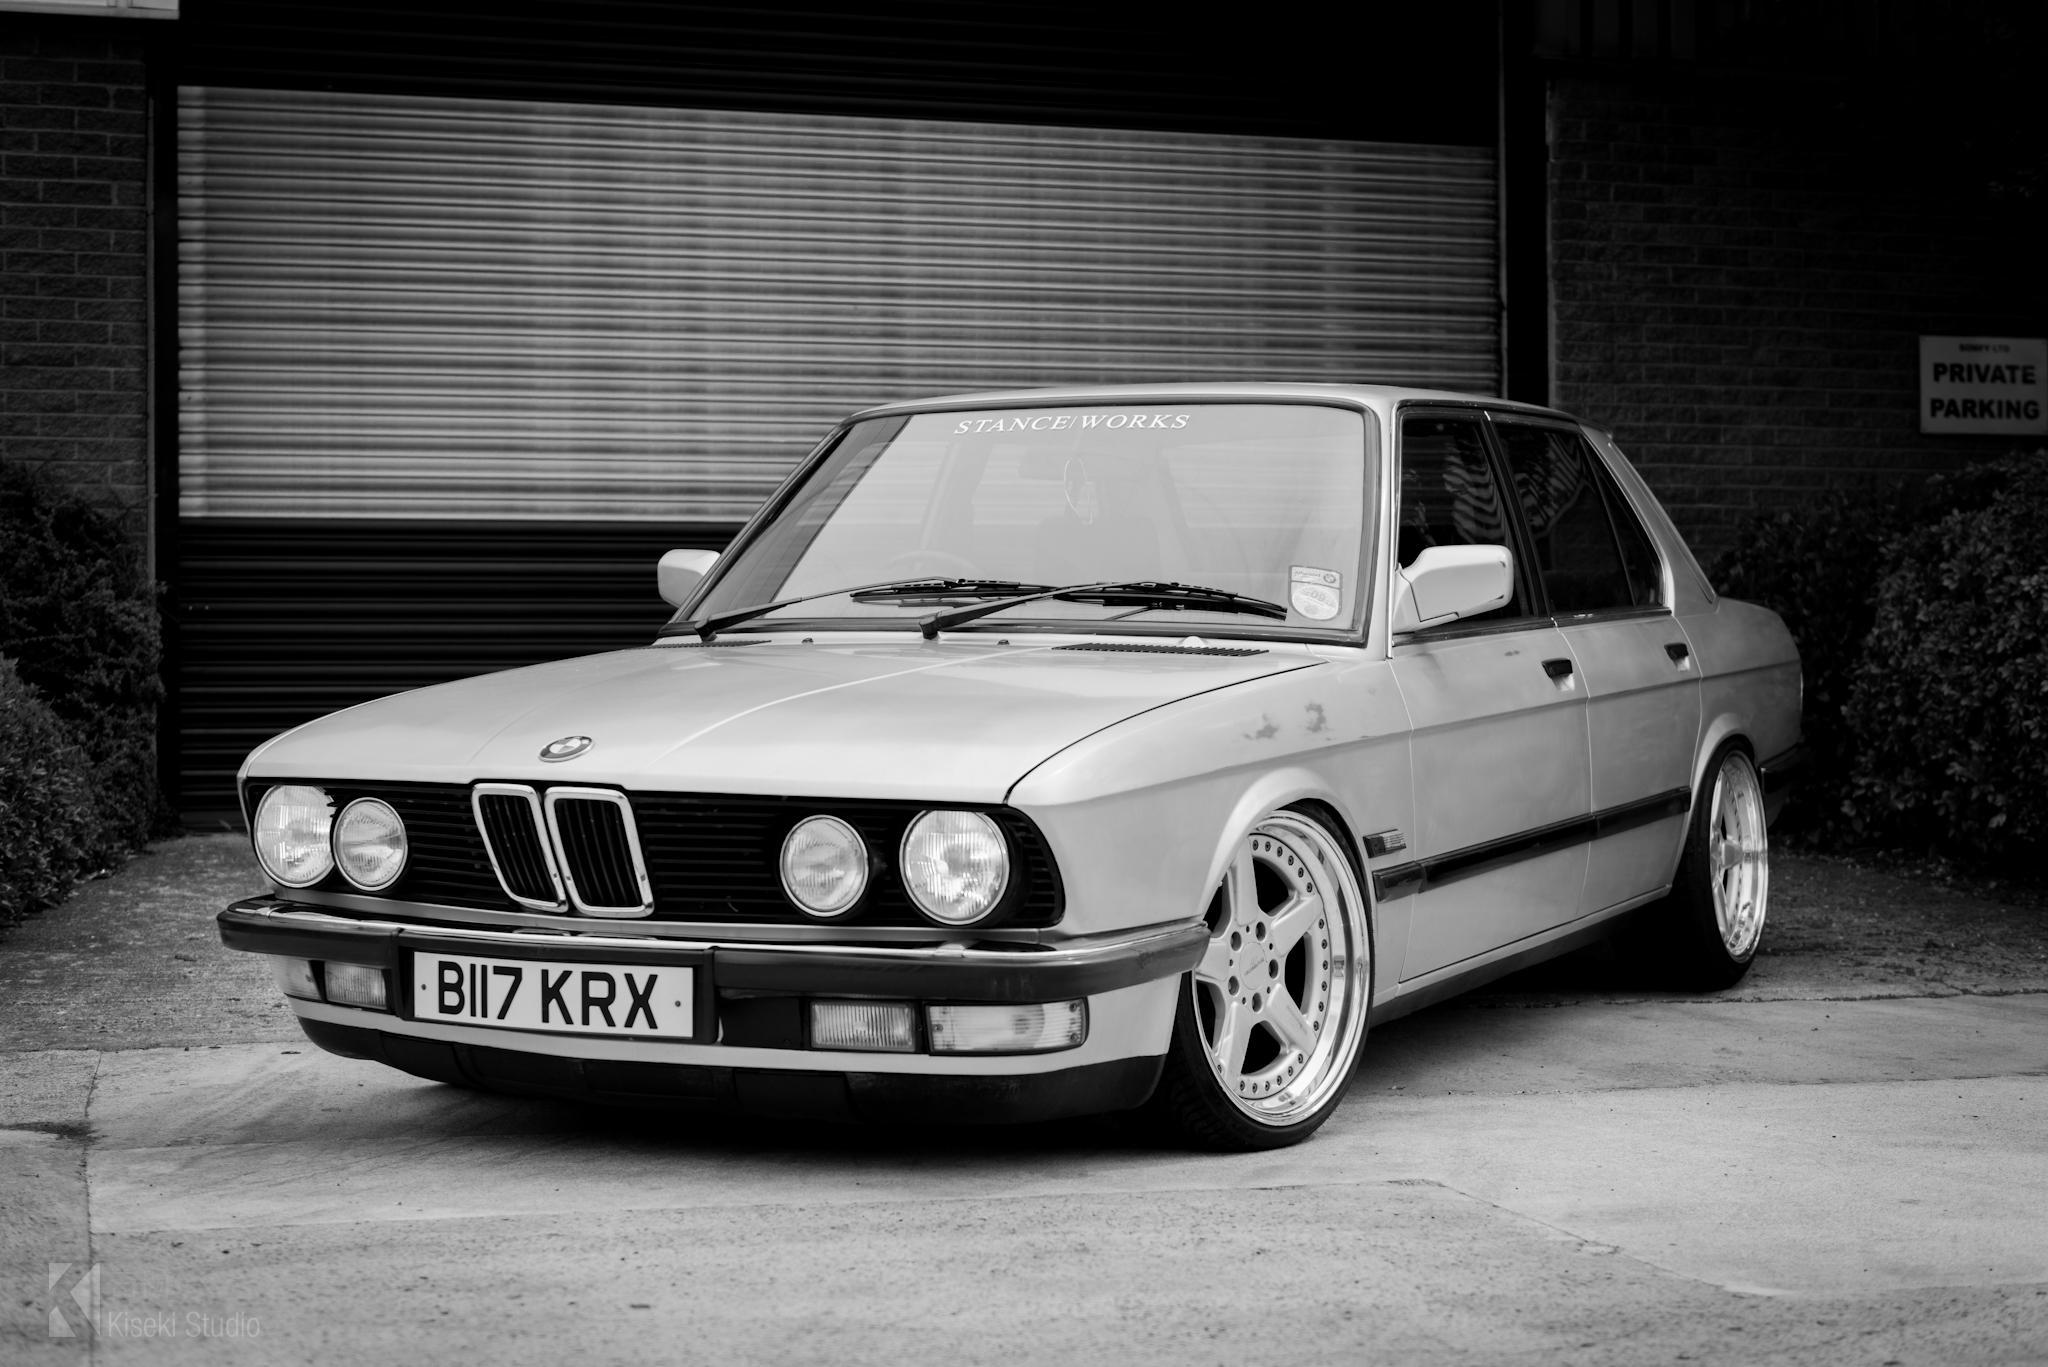 BMW 525e E28 stanced